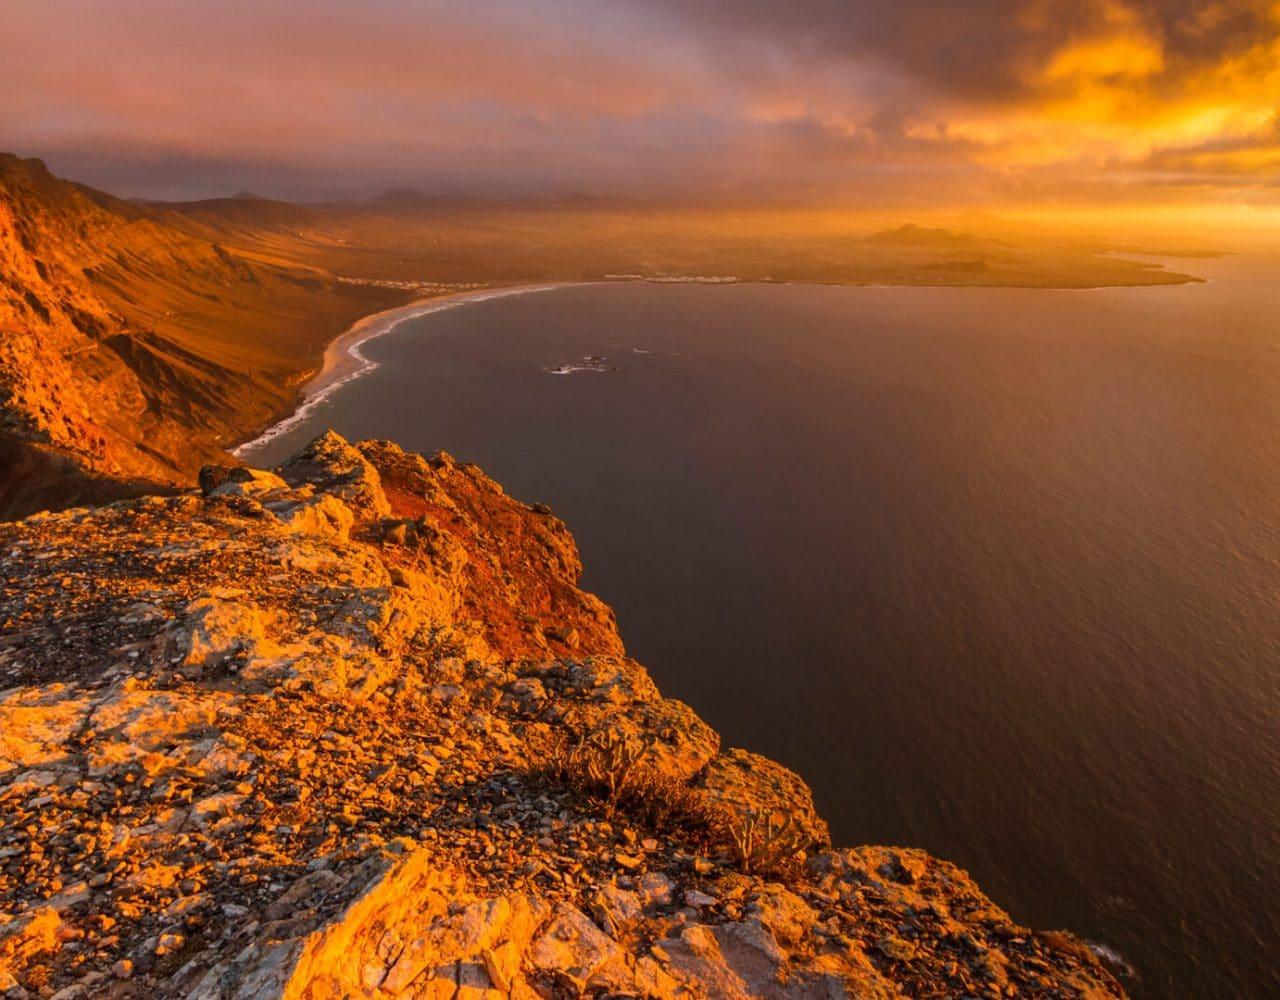 Canary Islands Lanzarote Famara Cliff